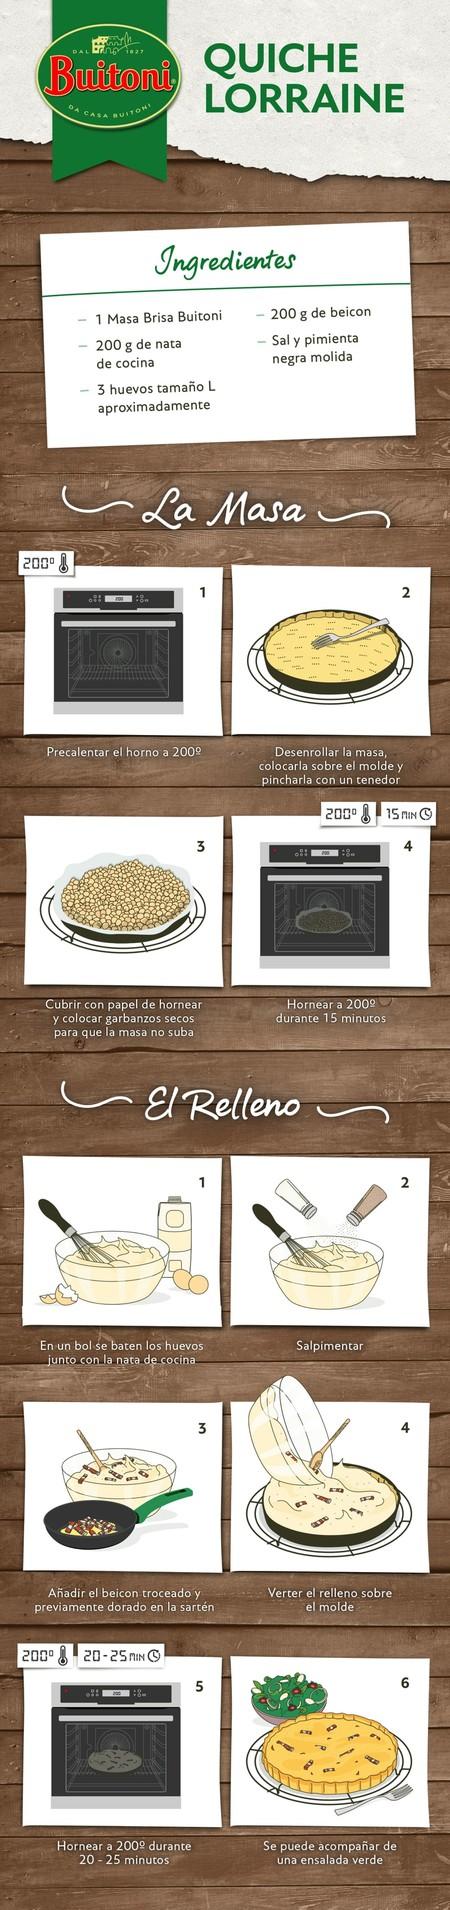 Infografia Buitoni Quiche Lorraine